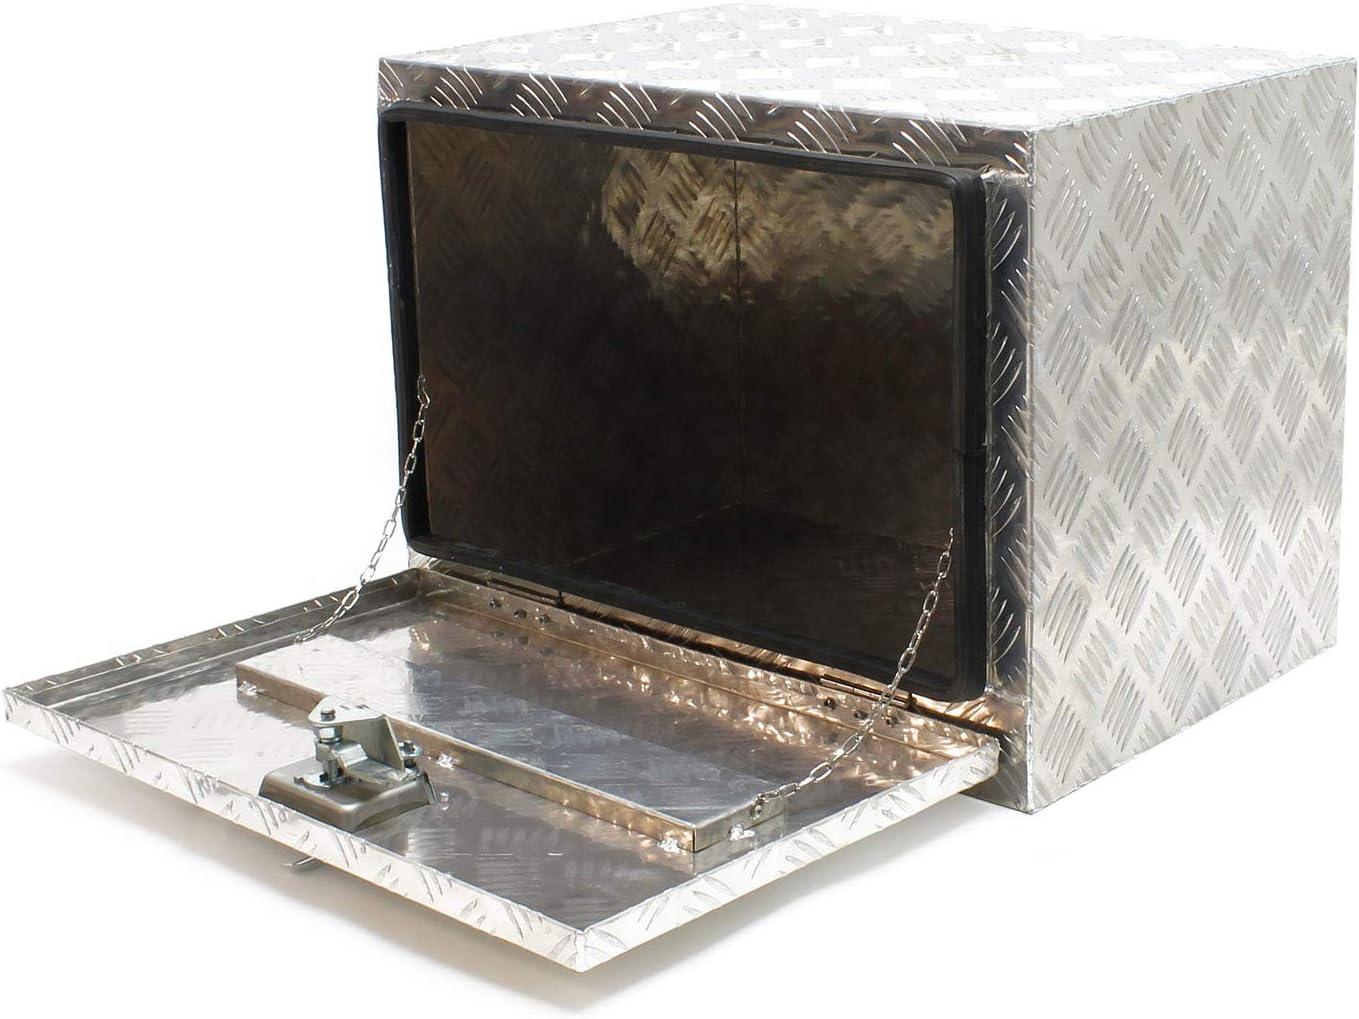 Cofre aluminio remolque veh/ículo Caja almacenaje enganche coche Caja herramientas Accesorios coche